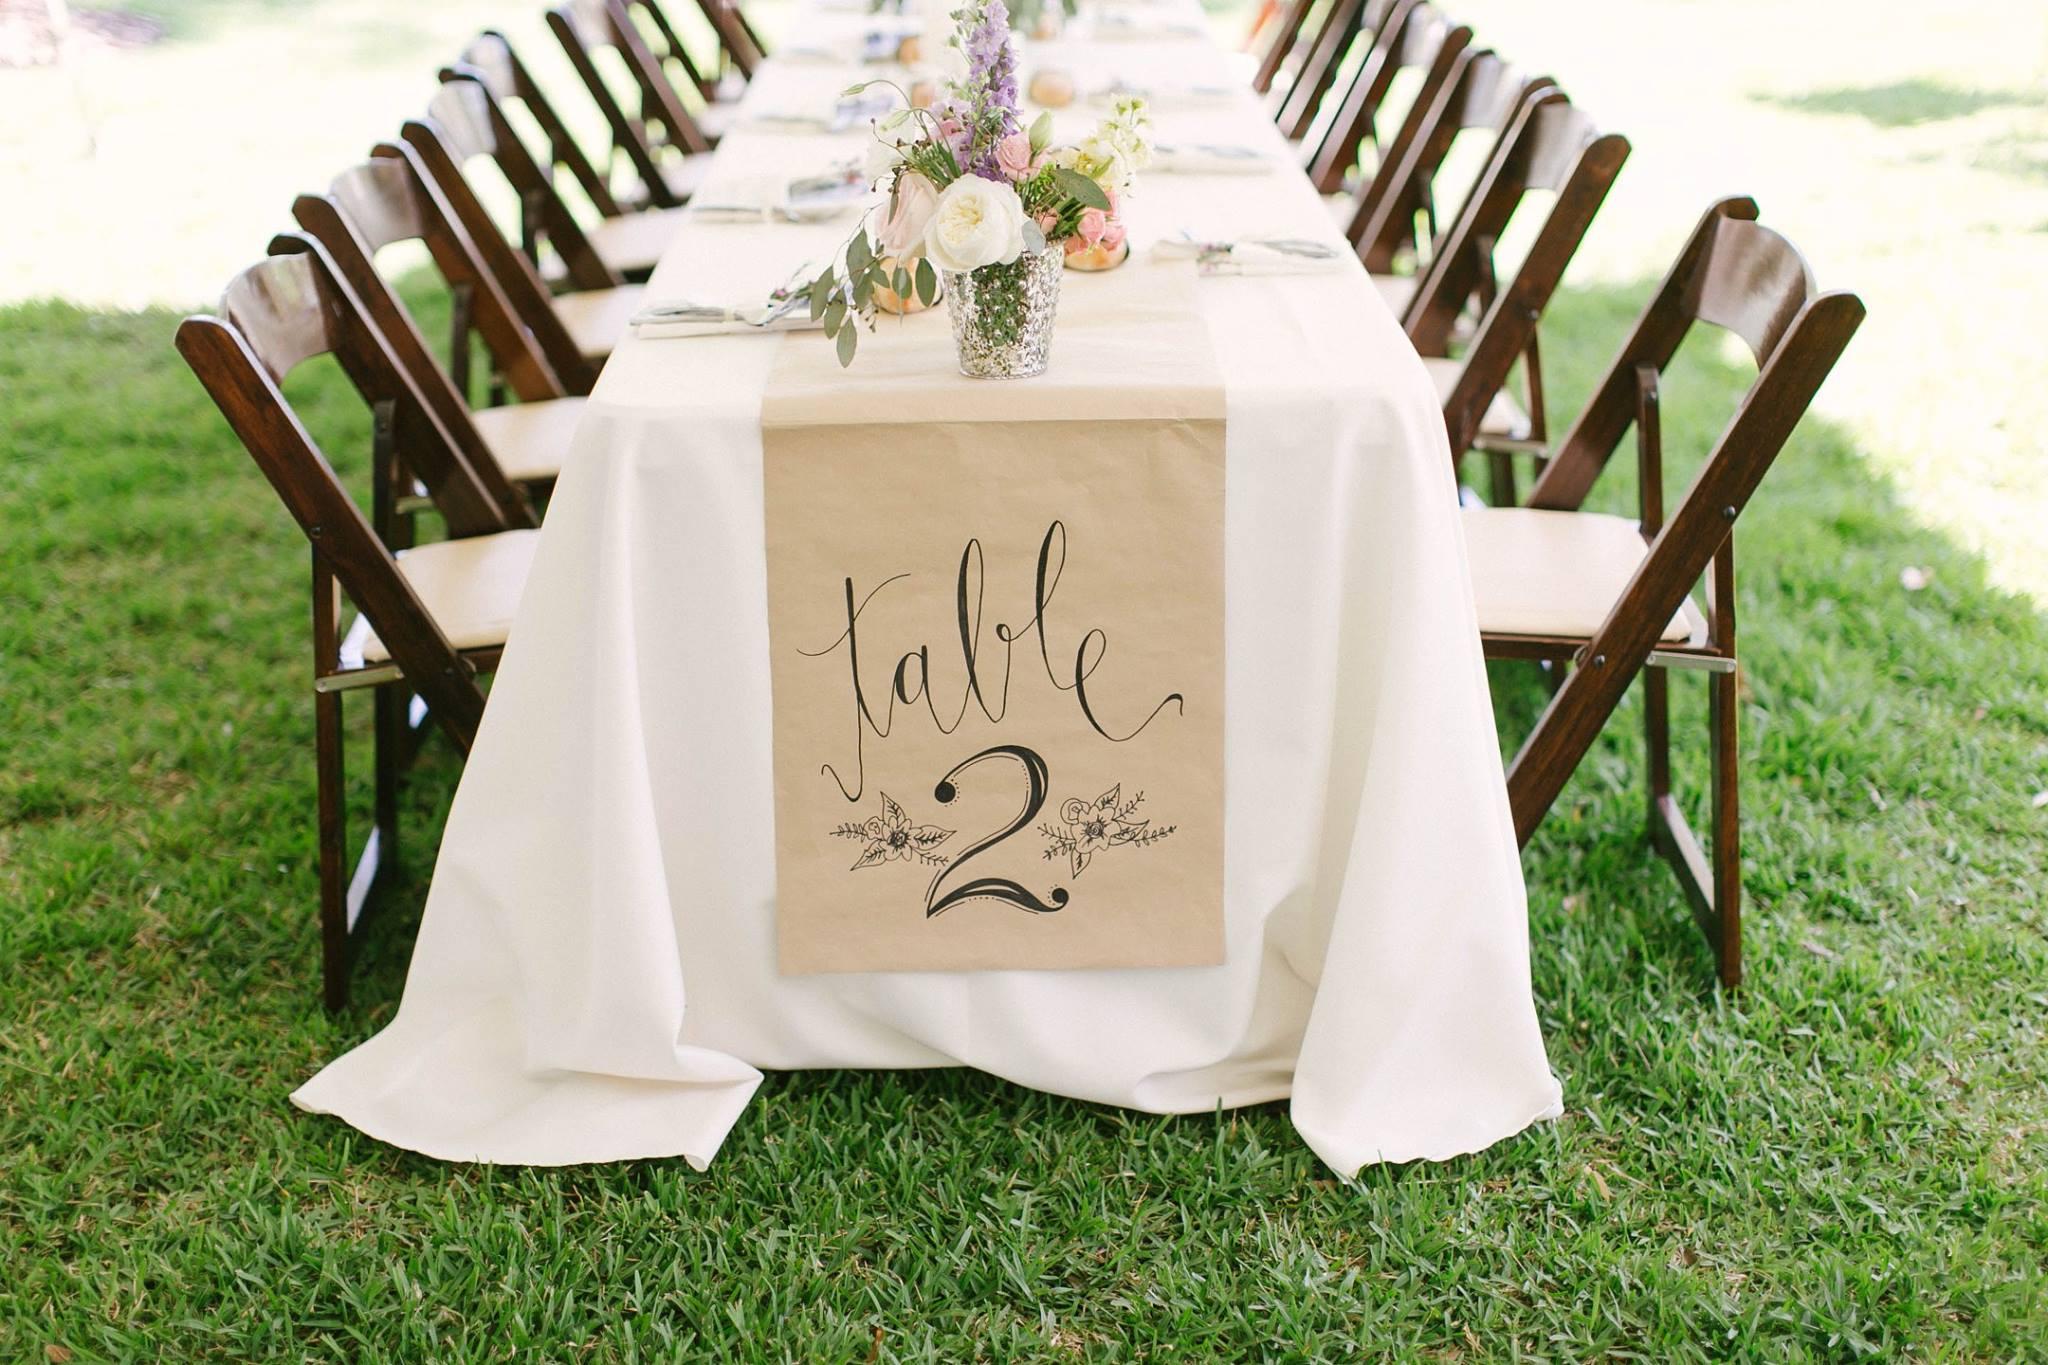 Luxe Party Rentals Jacksonville Wedding Rentals Event Rentals